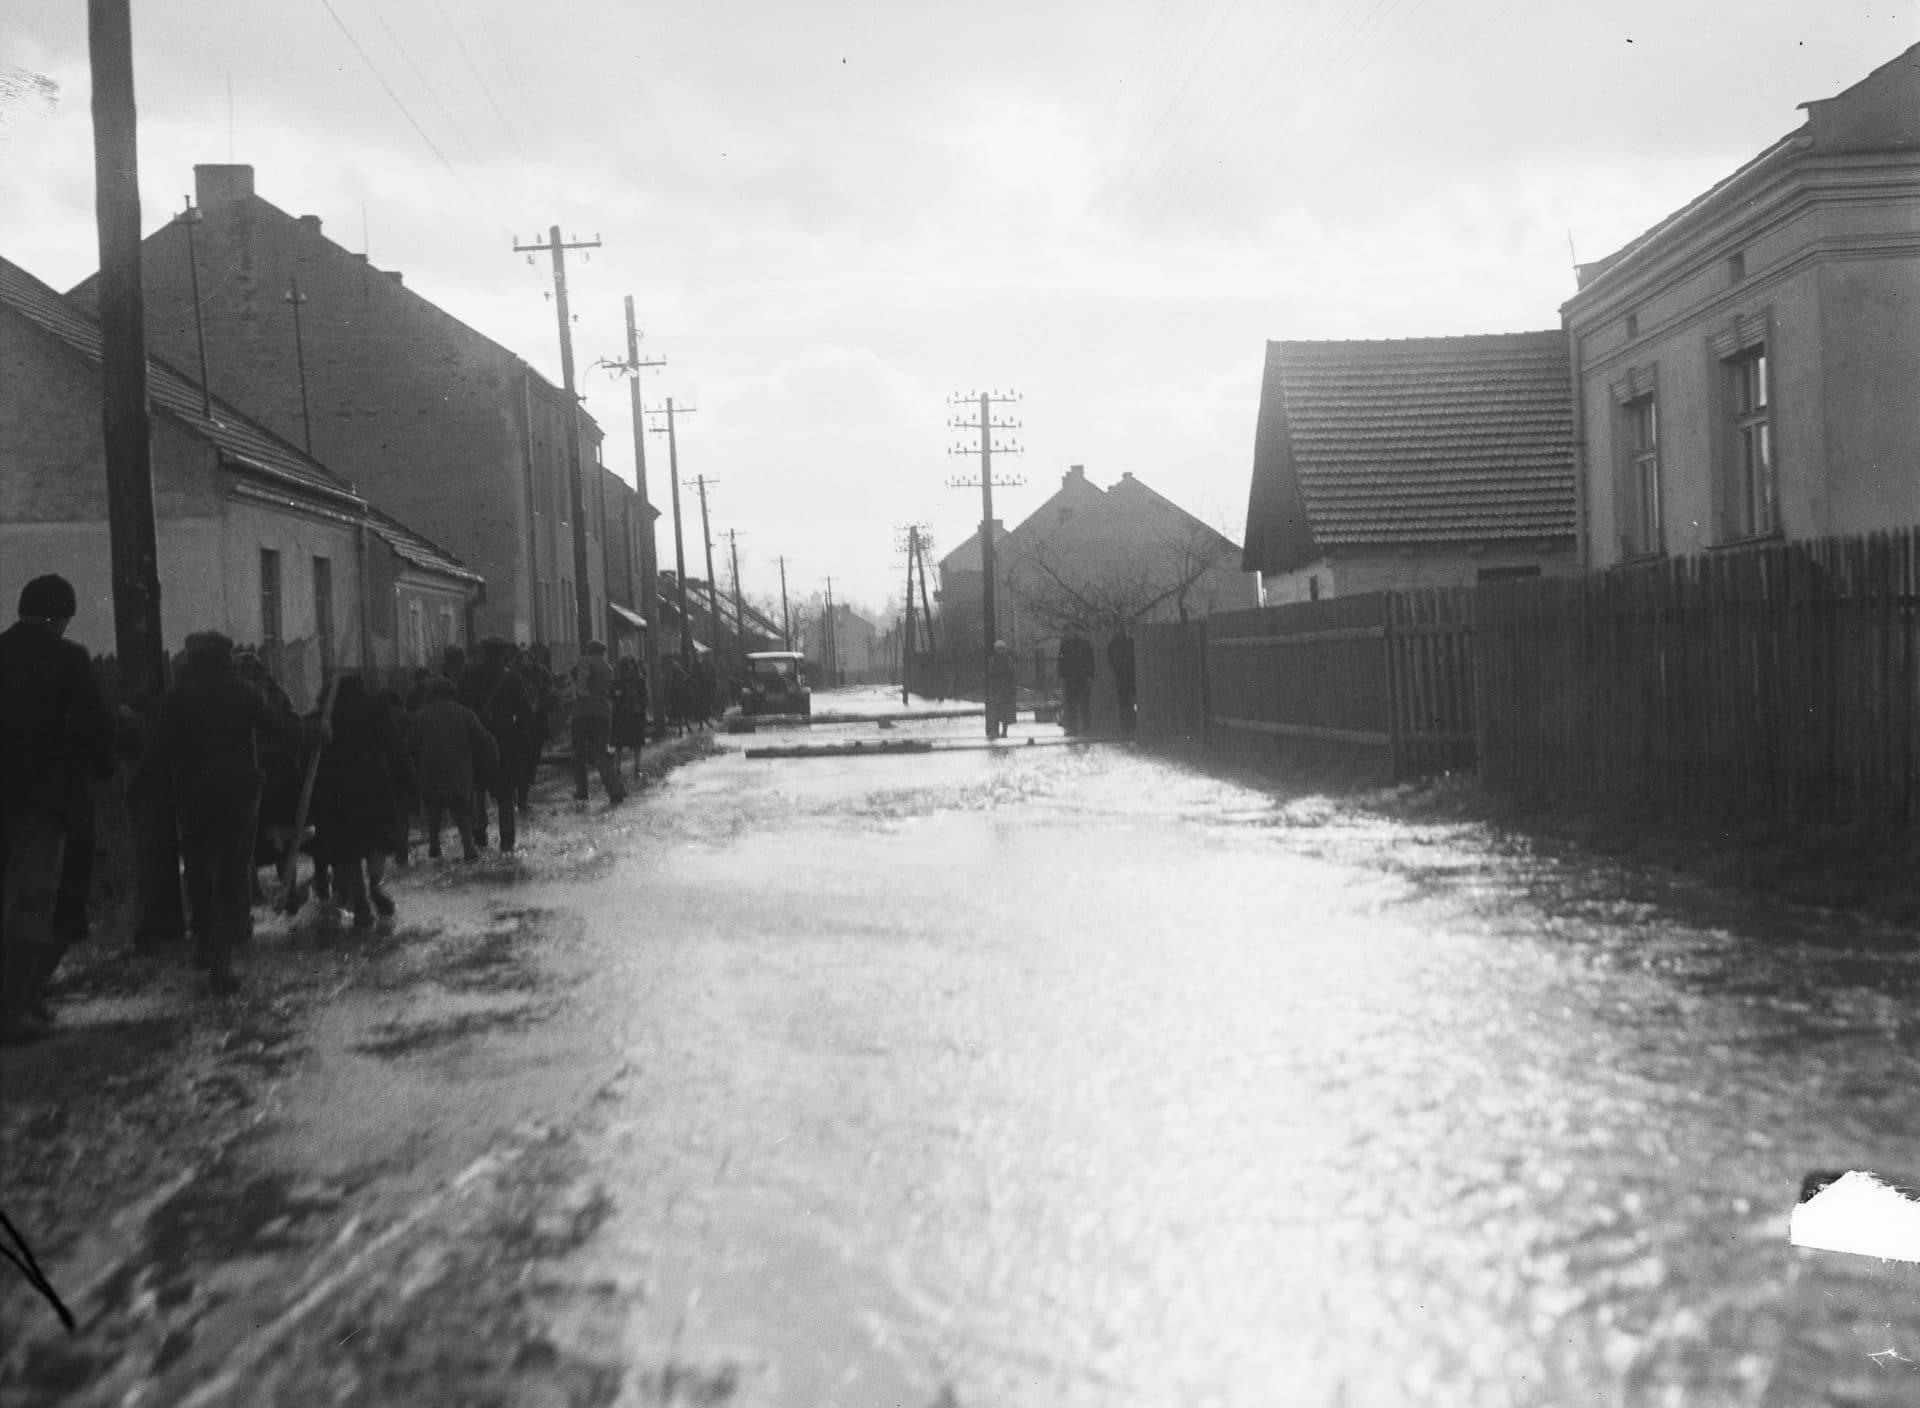 Widok zalanej ulicy w Krakowie. 1935 rok. Źródło: Narodowe Archiwum Cyfrowe.